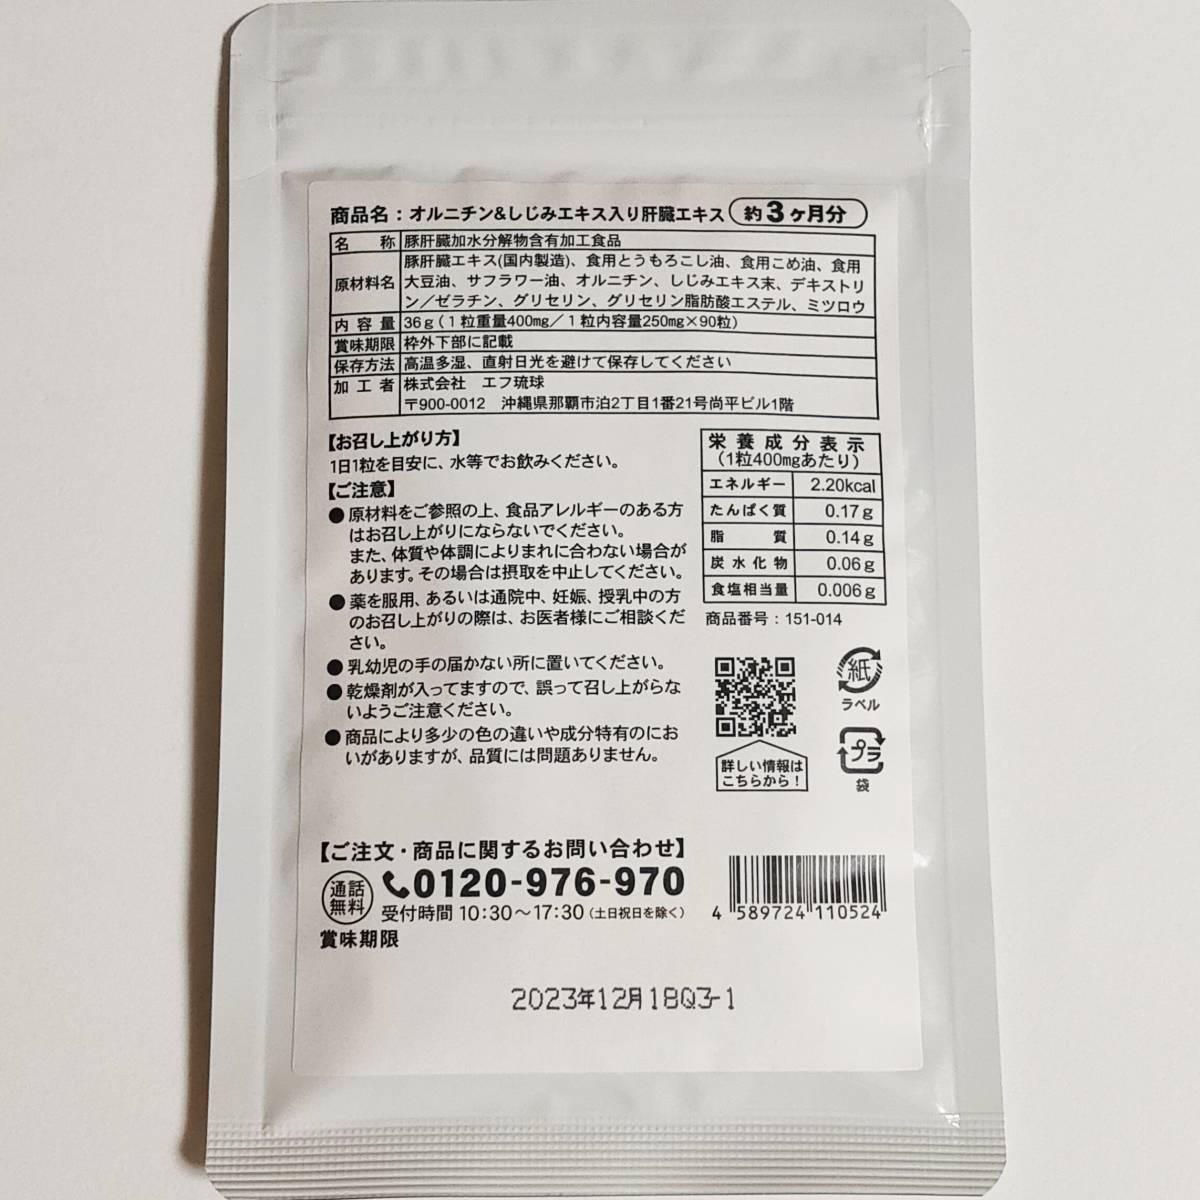 【シードコムス サプリメント】オルニチン&しじみエキス入り 肝臓エキス 約12ヶ月分(約3ヶ月x4袋セット) サプリ 健康食品 未開封 送料無料_画像3